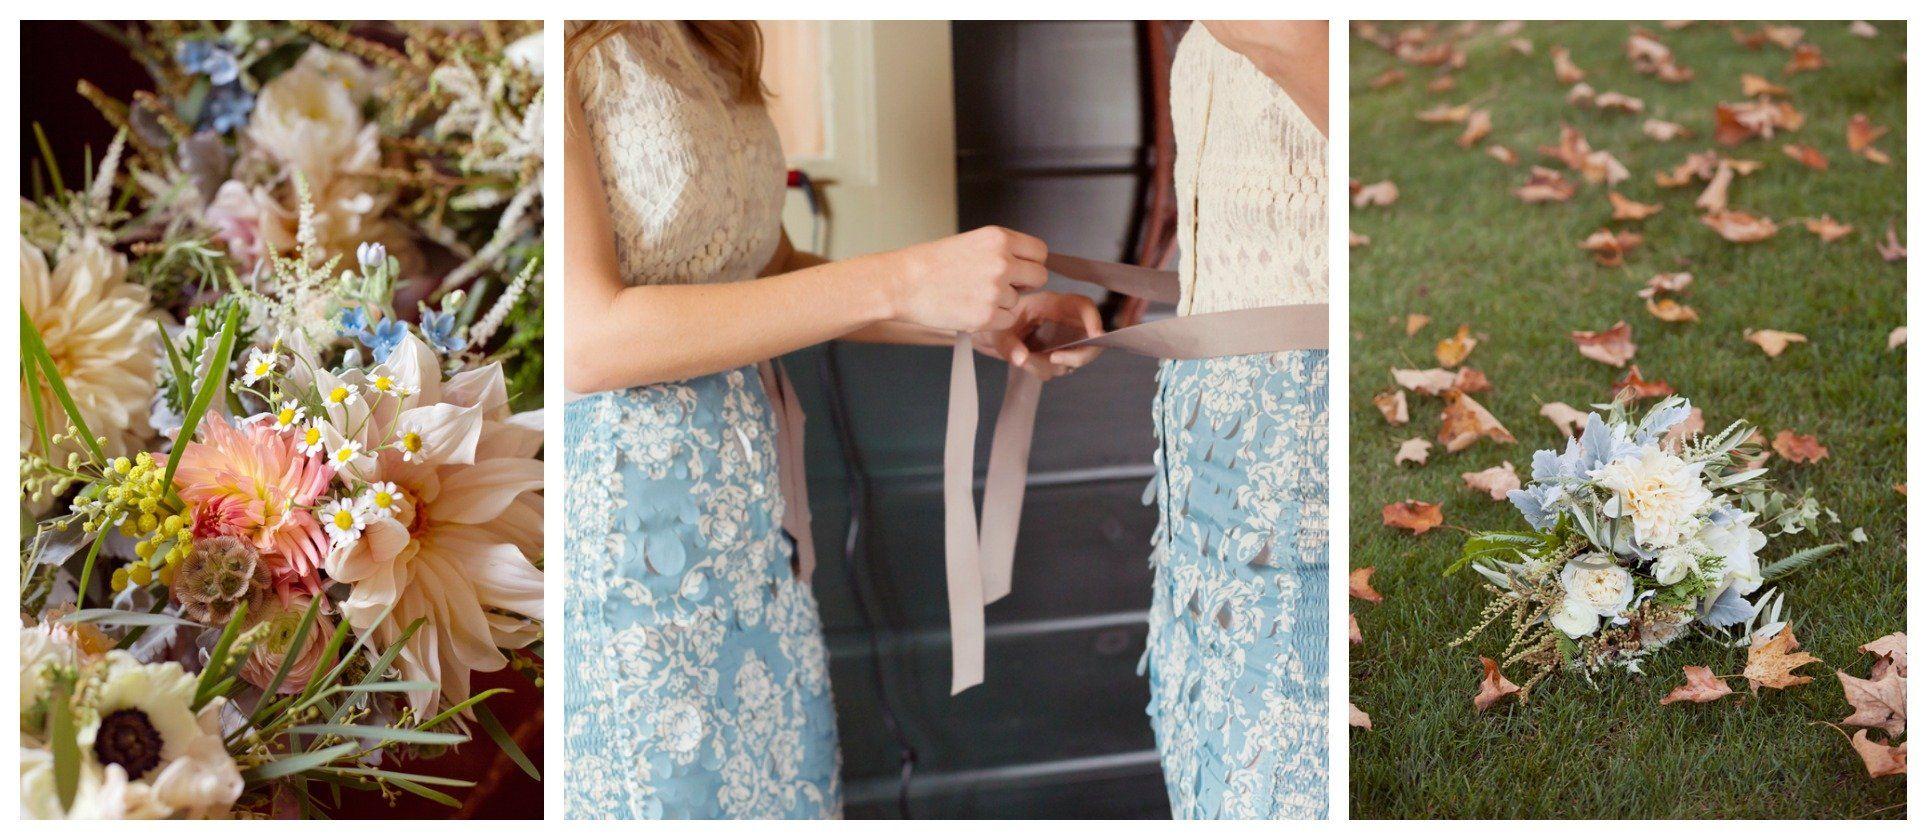 Pastel Floral Bridesmaids Dresses